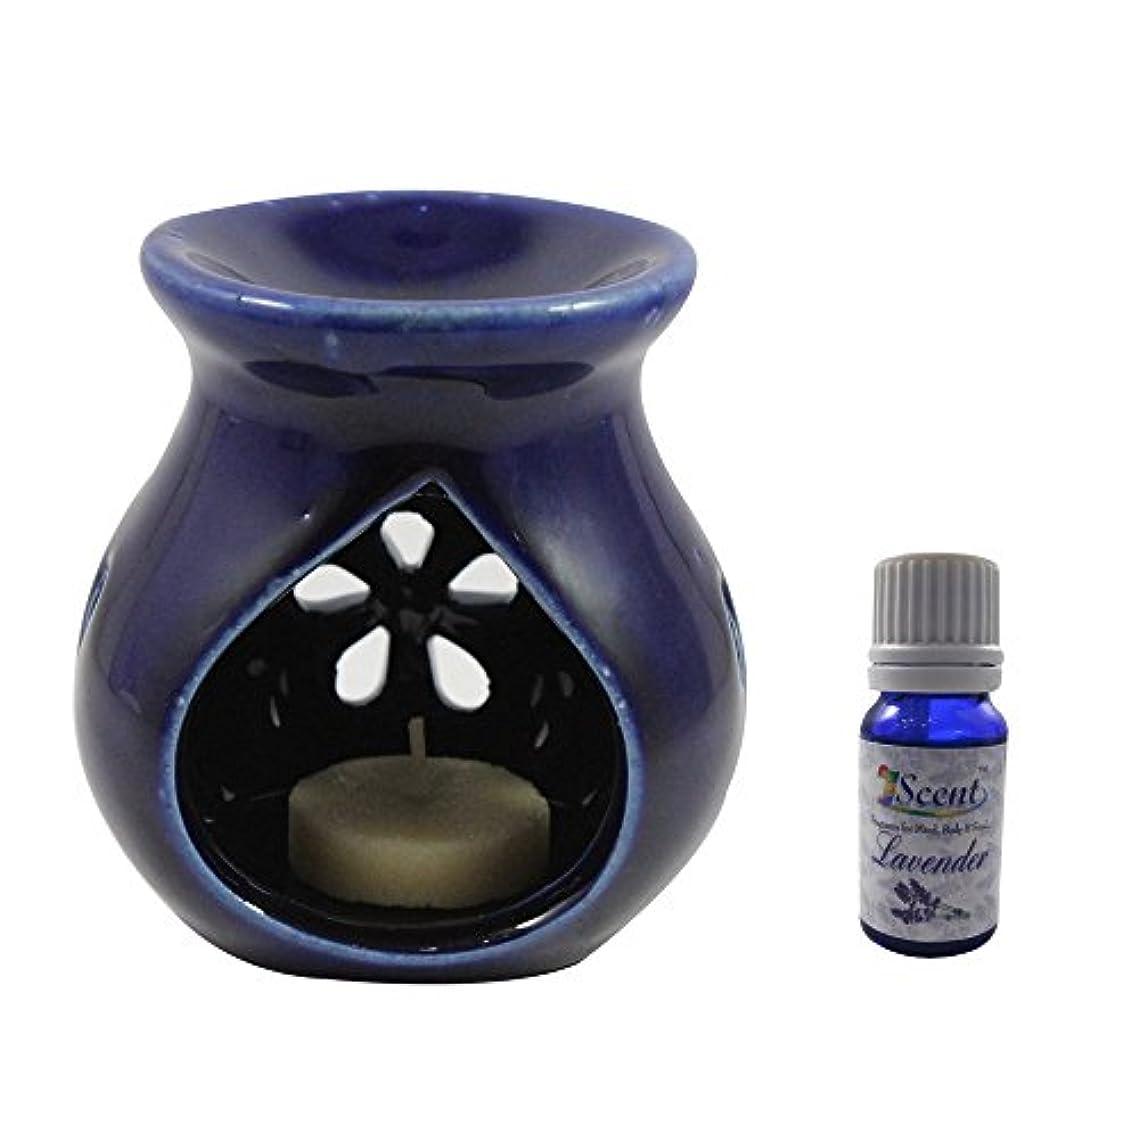 単調なゴールデンジョグホームデコレーション定期的に使用する汚染フリーハンドメイドセラミックエスニックティーライトキャンドルアロマディフューザーオイルバーナーサンダルウッド香油ブルーカラーティーライトキャンドルアロマテラピー香油ウォーマー数量1